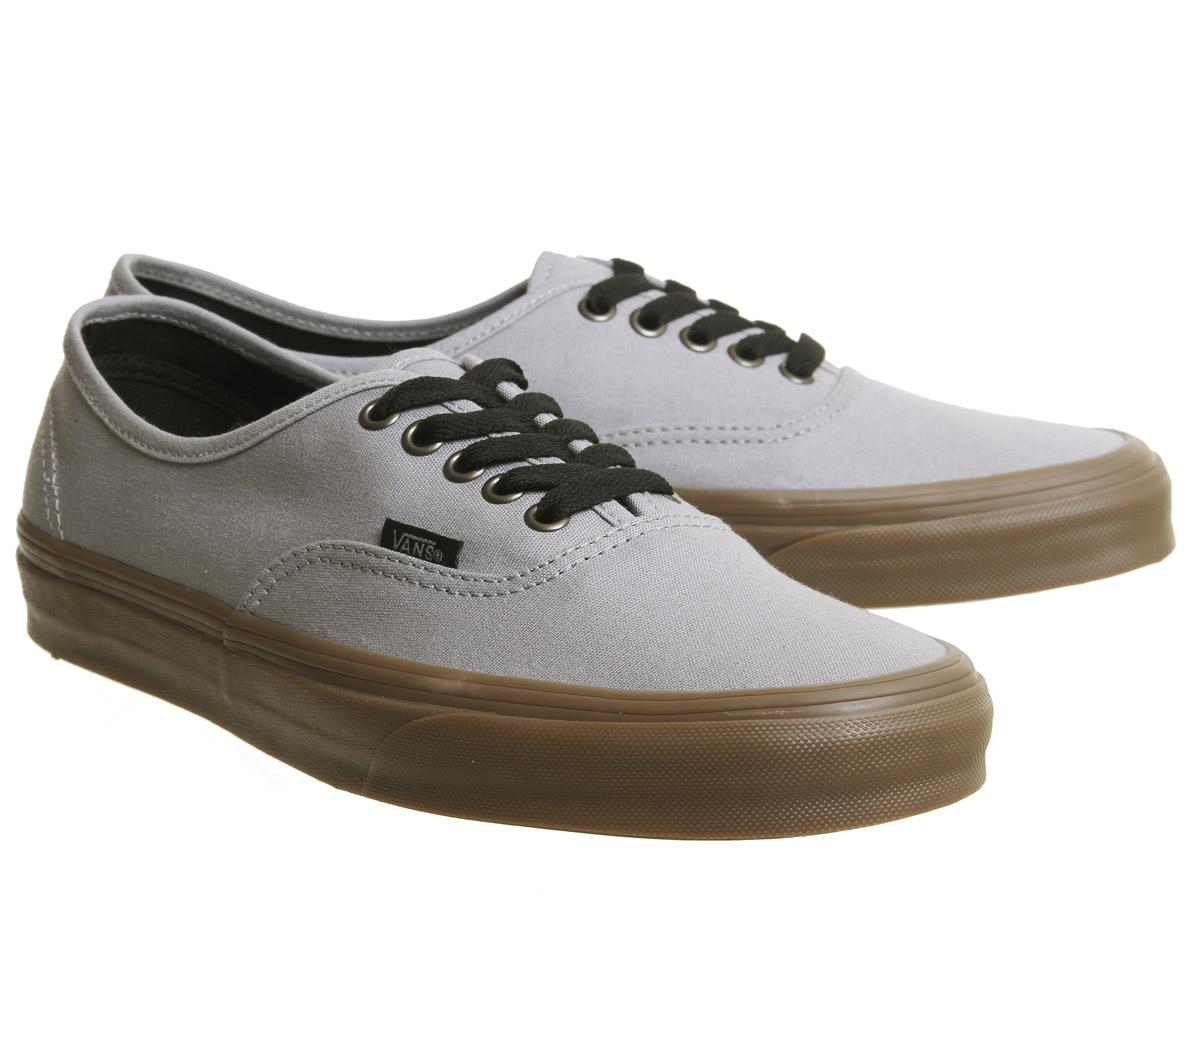 cd7eab55da Mens Vans Authentic Trainers Alloy Black Gum Trainers Shoes